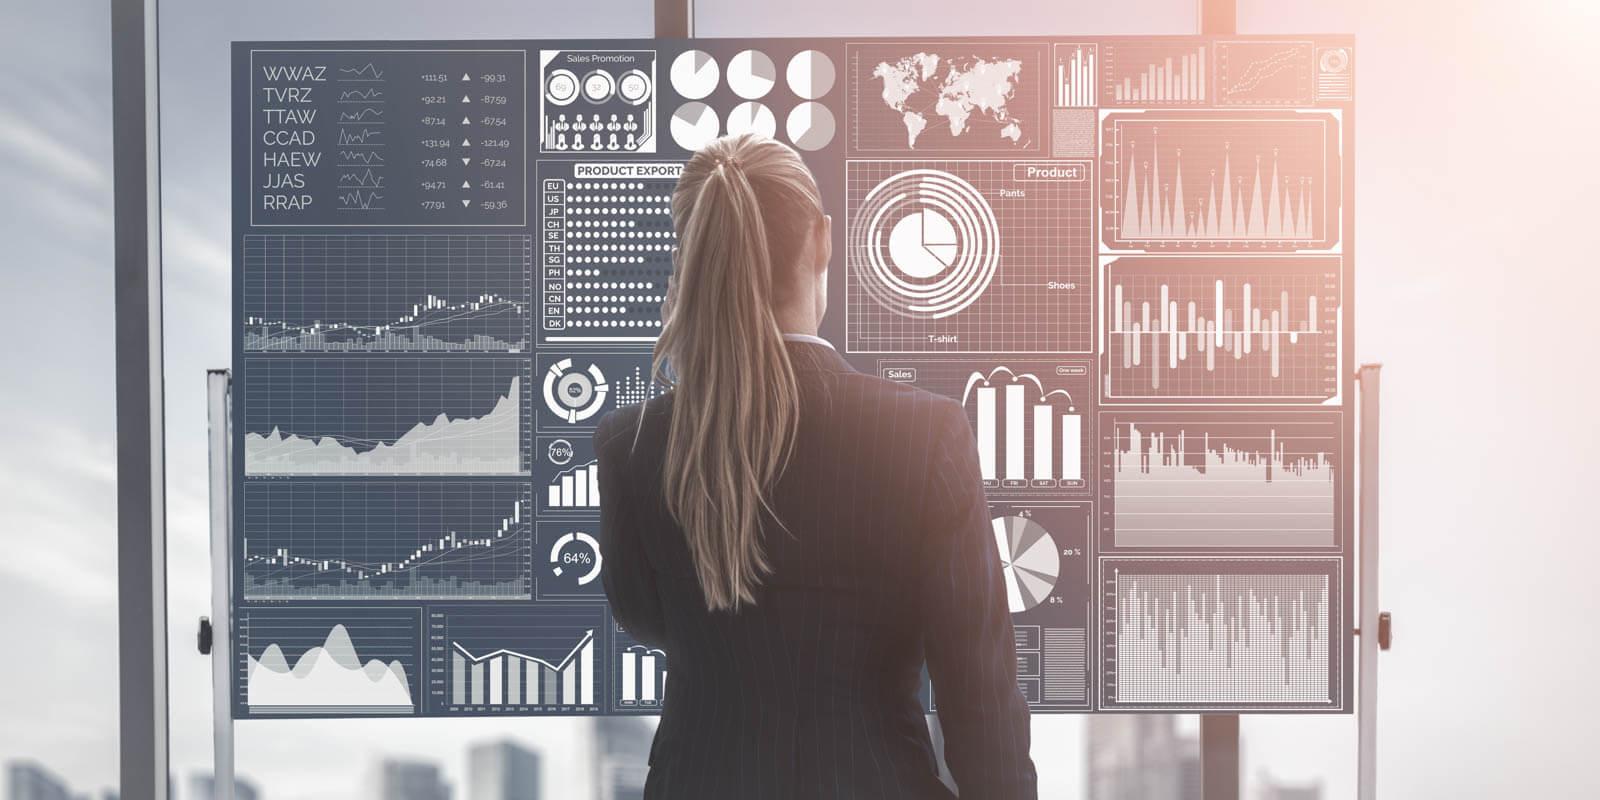 Eine Frau steht vor einer Wand mit Diagrammen und Charts um Daten zu analysieren